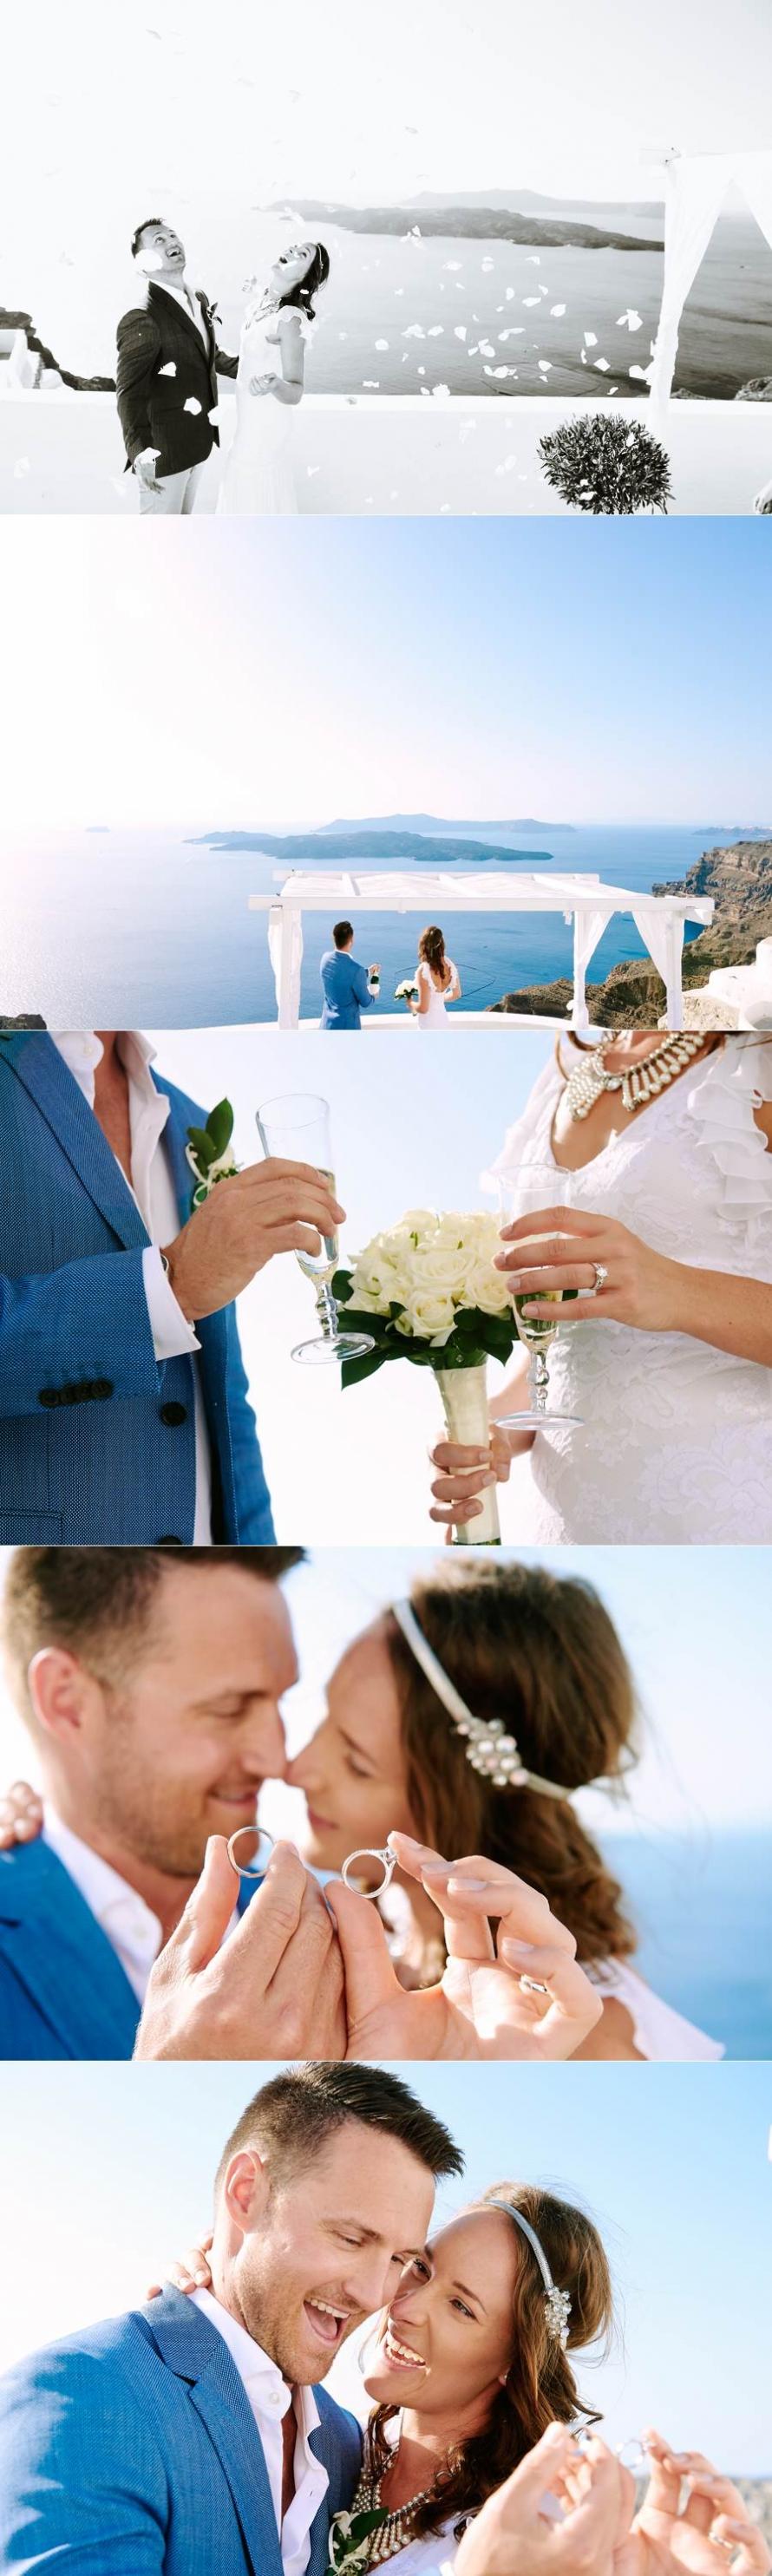 Bradon Jeena wedding photos_05